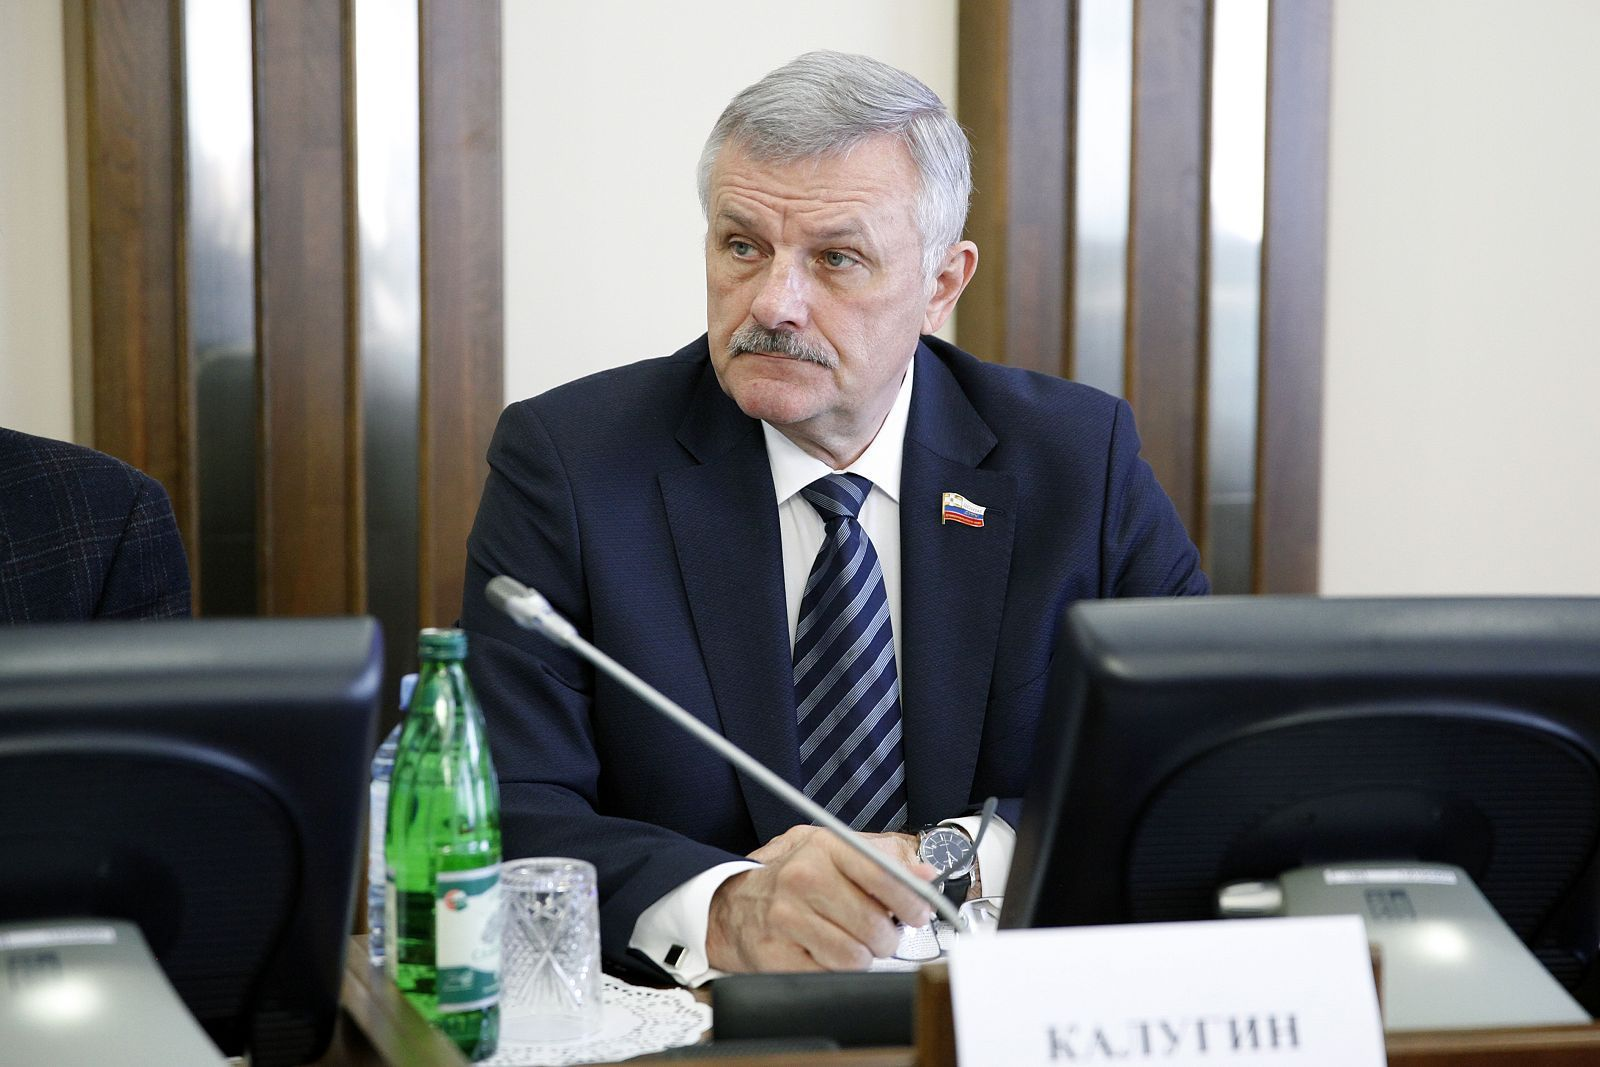 Бывший чиновник Калугин оправдан поделу осмертельном ДТП